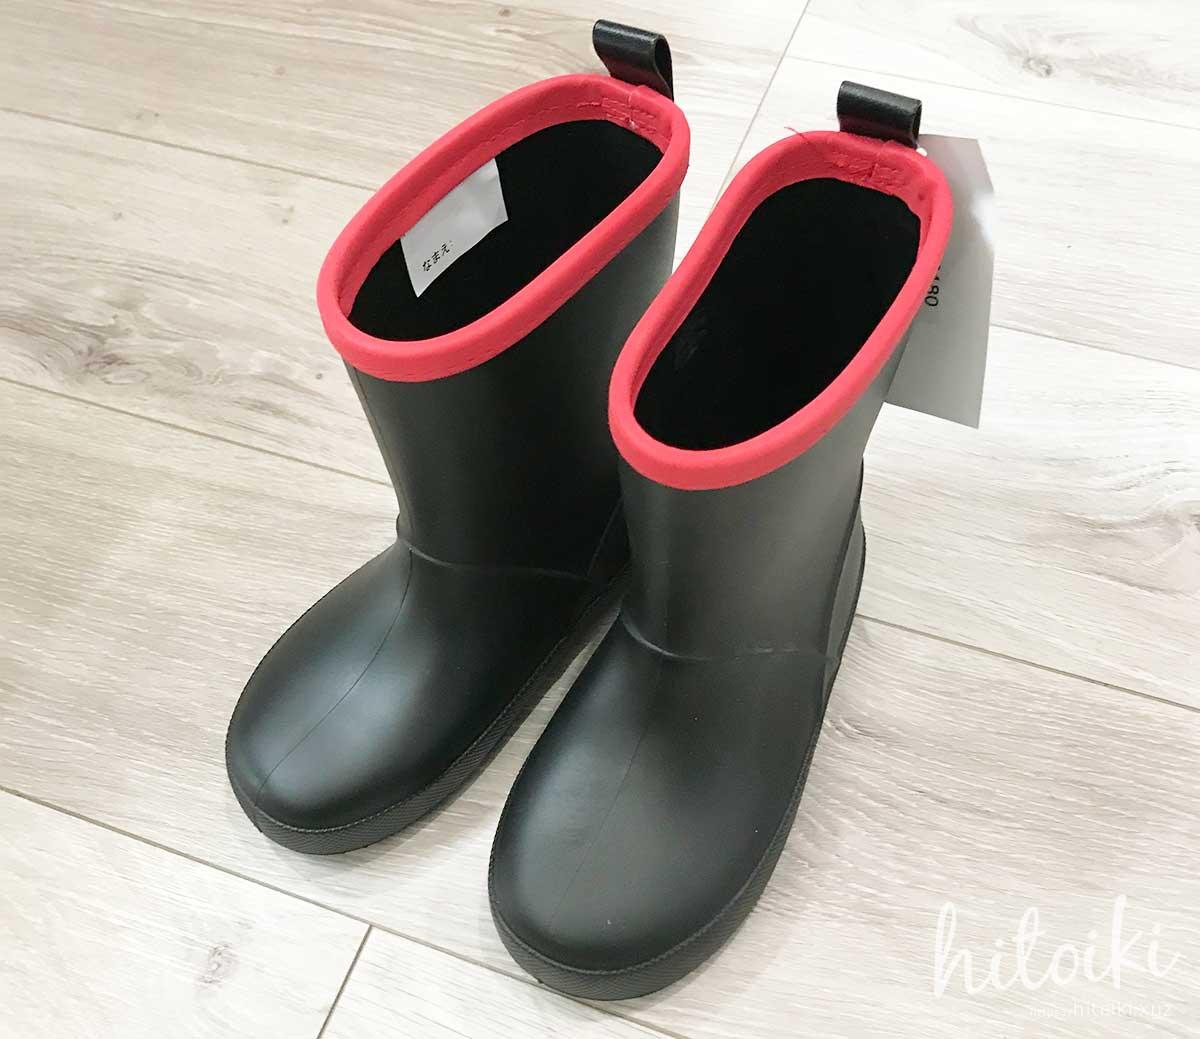 キッズ用長靴(レインブーツ) 子ども用 子供用 rain_boots_img_4023